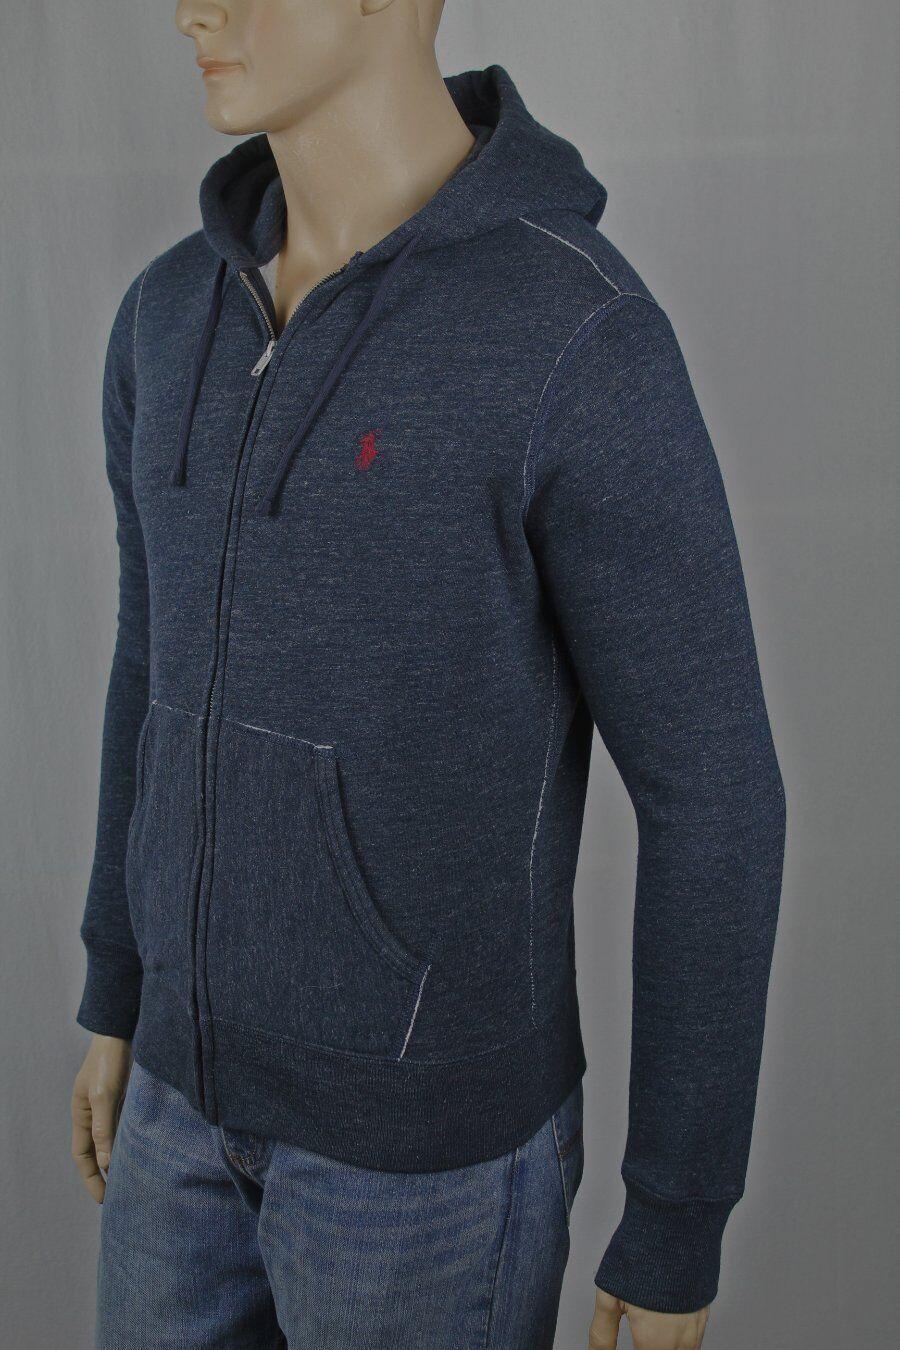 Polo Ralph Lauren Blau Grau Hoodie Full Zip Sweatshirt NWT